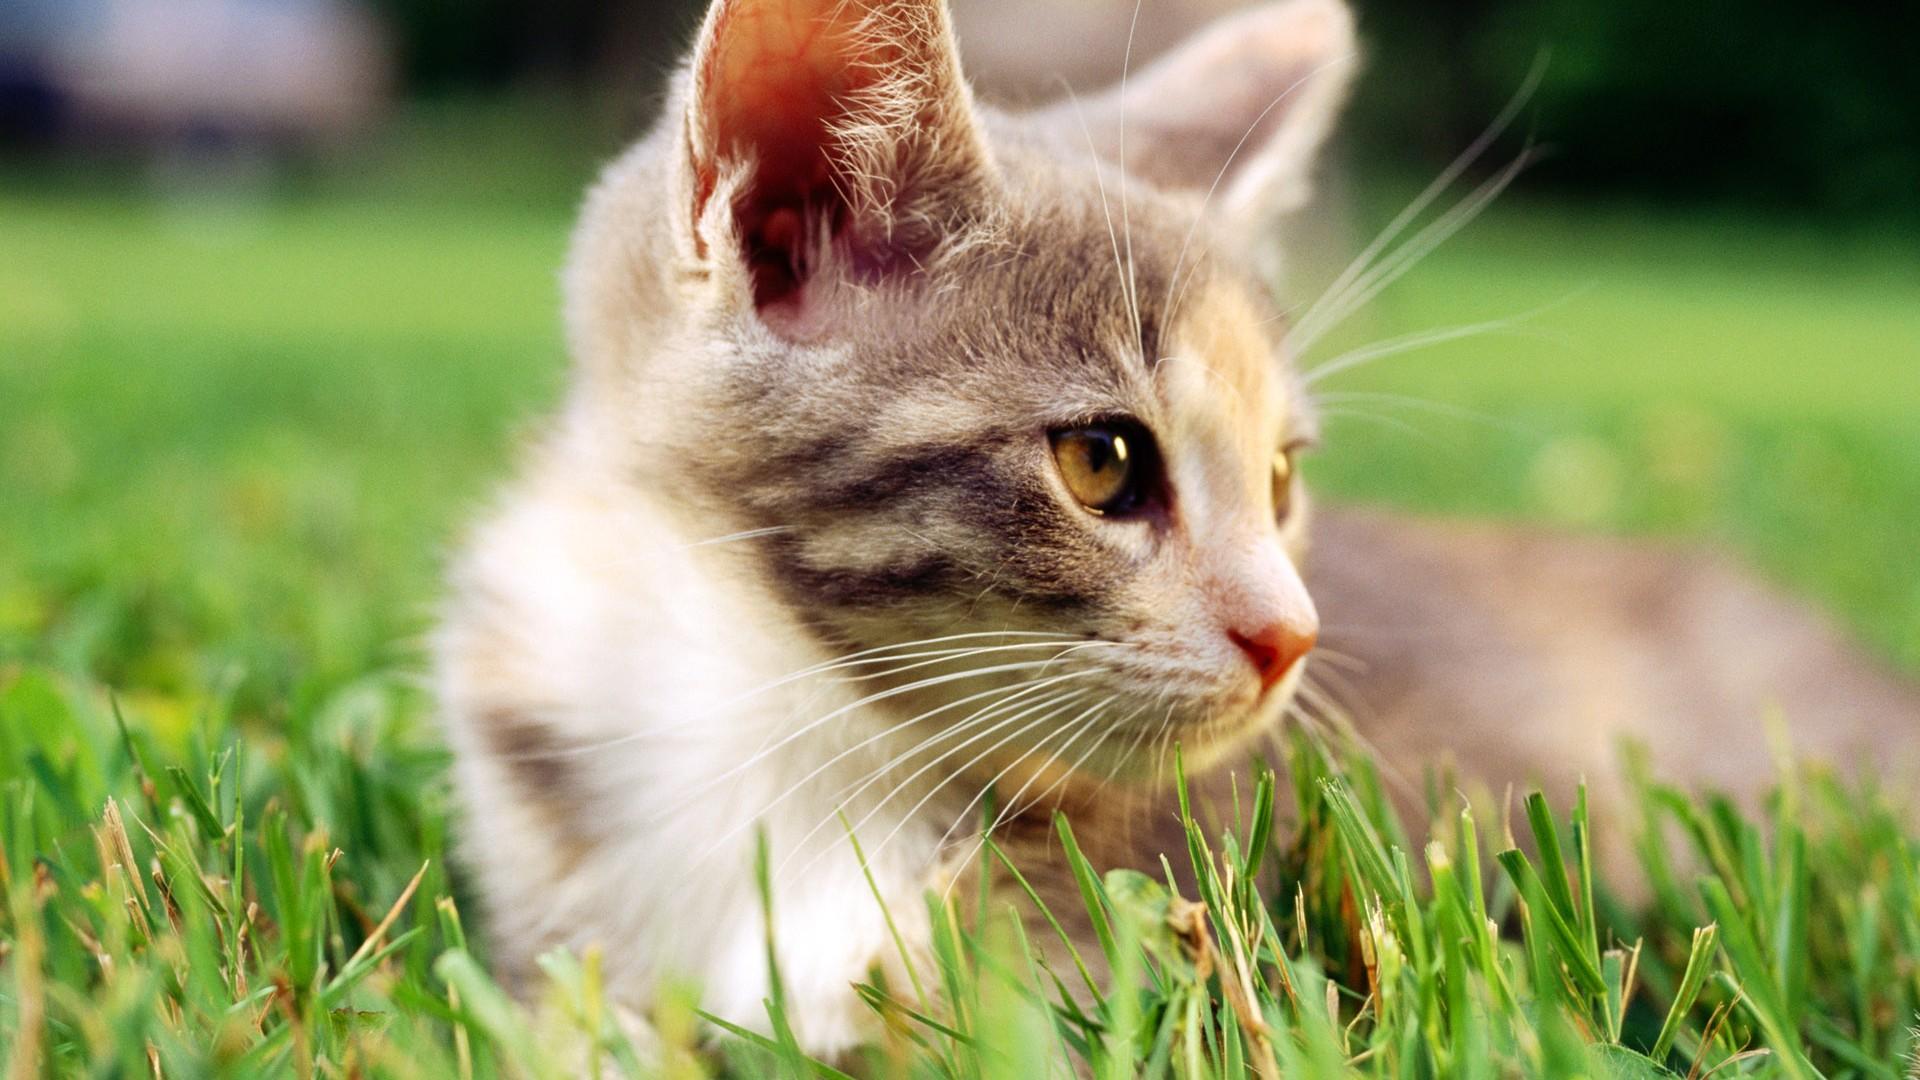 壁纸 动物 猫 猫咪 小猫 桌面 1920_1080